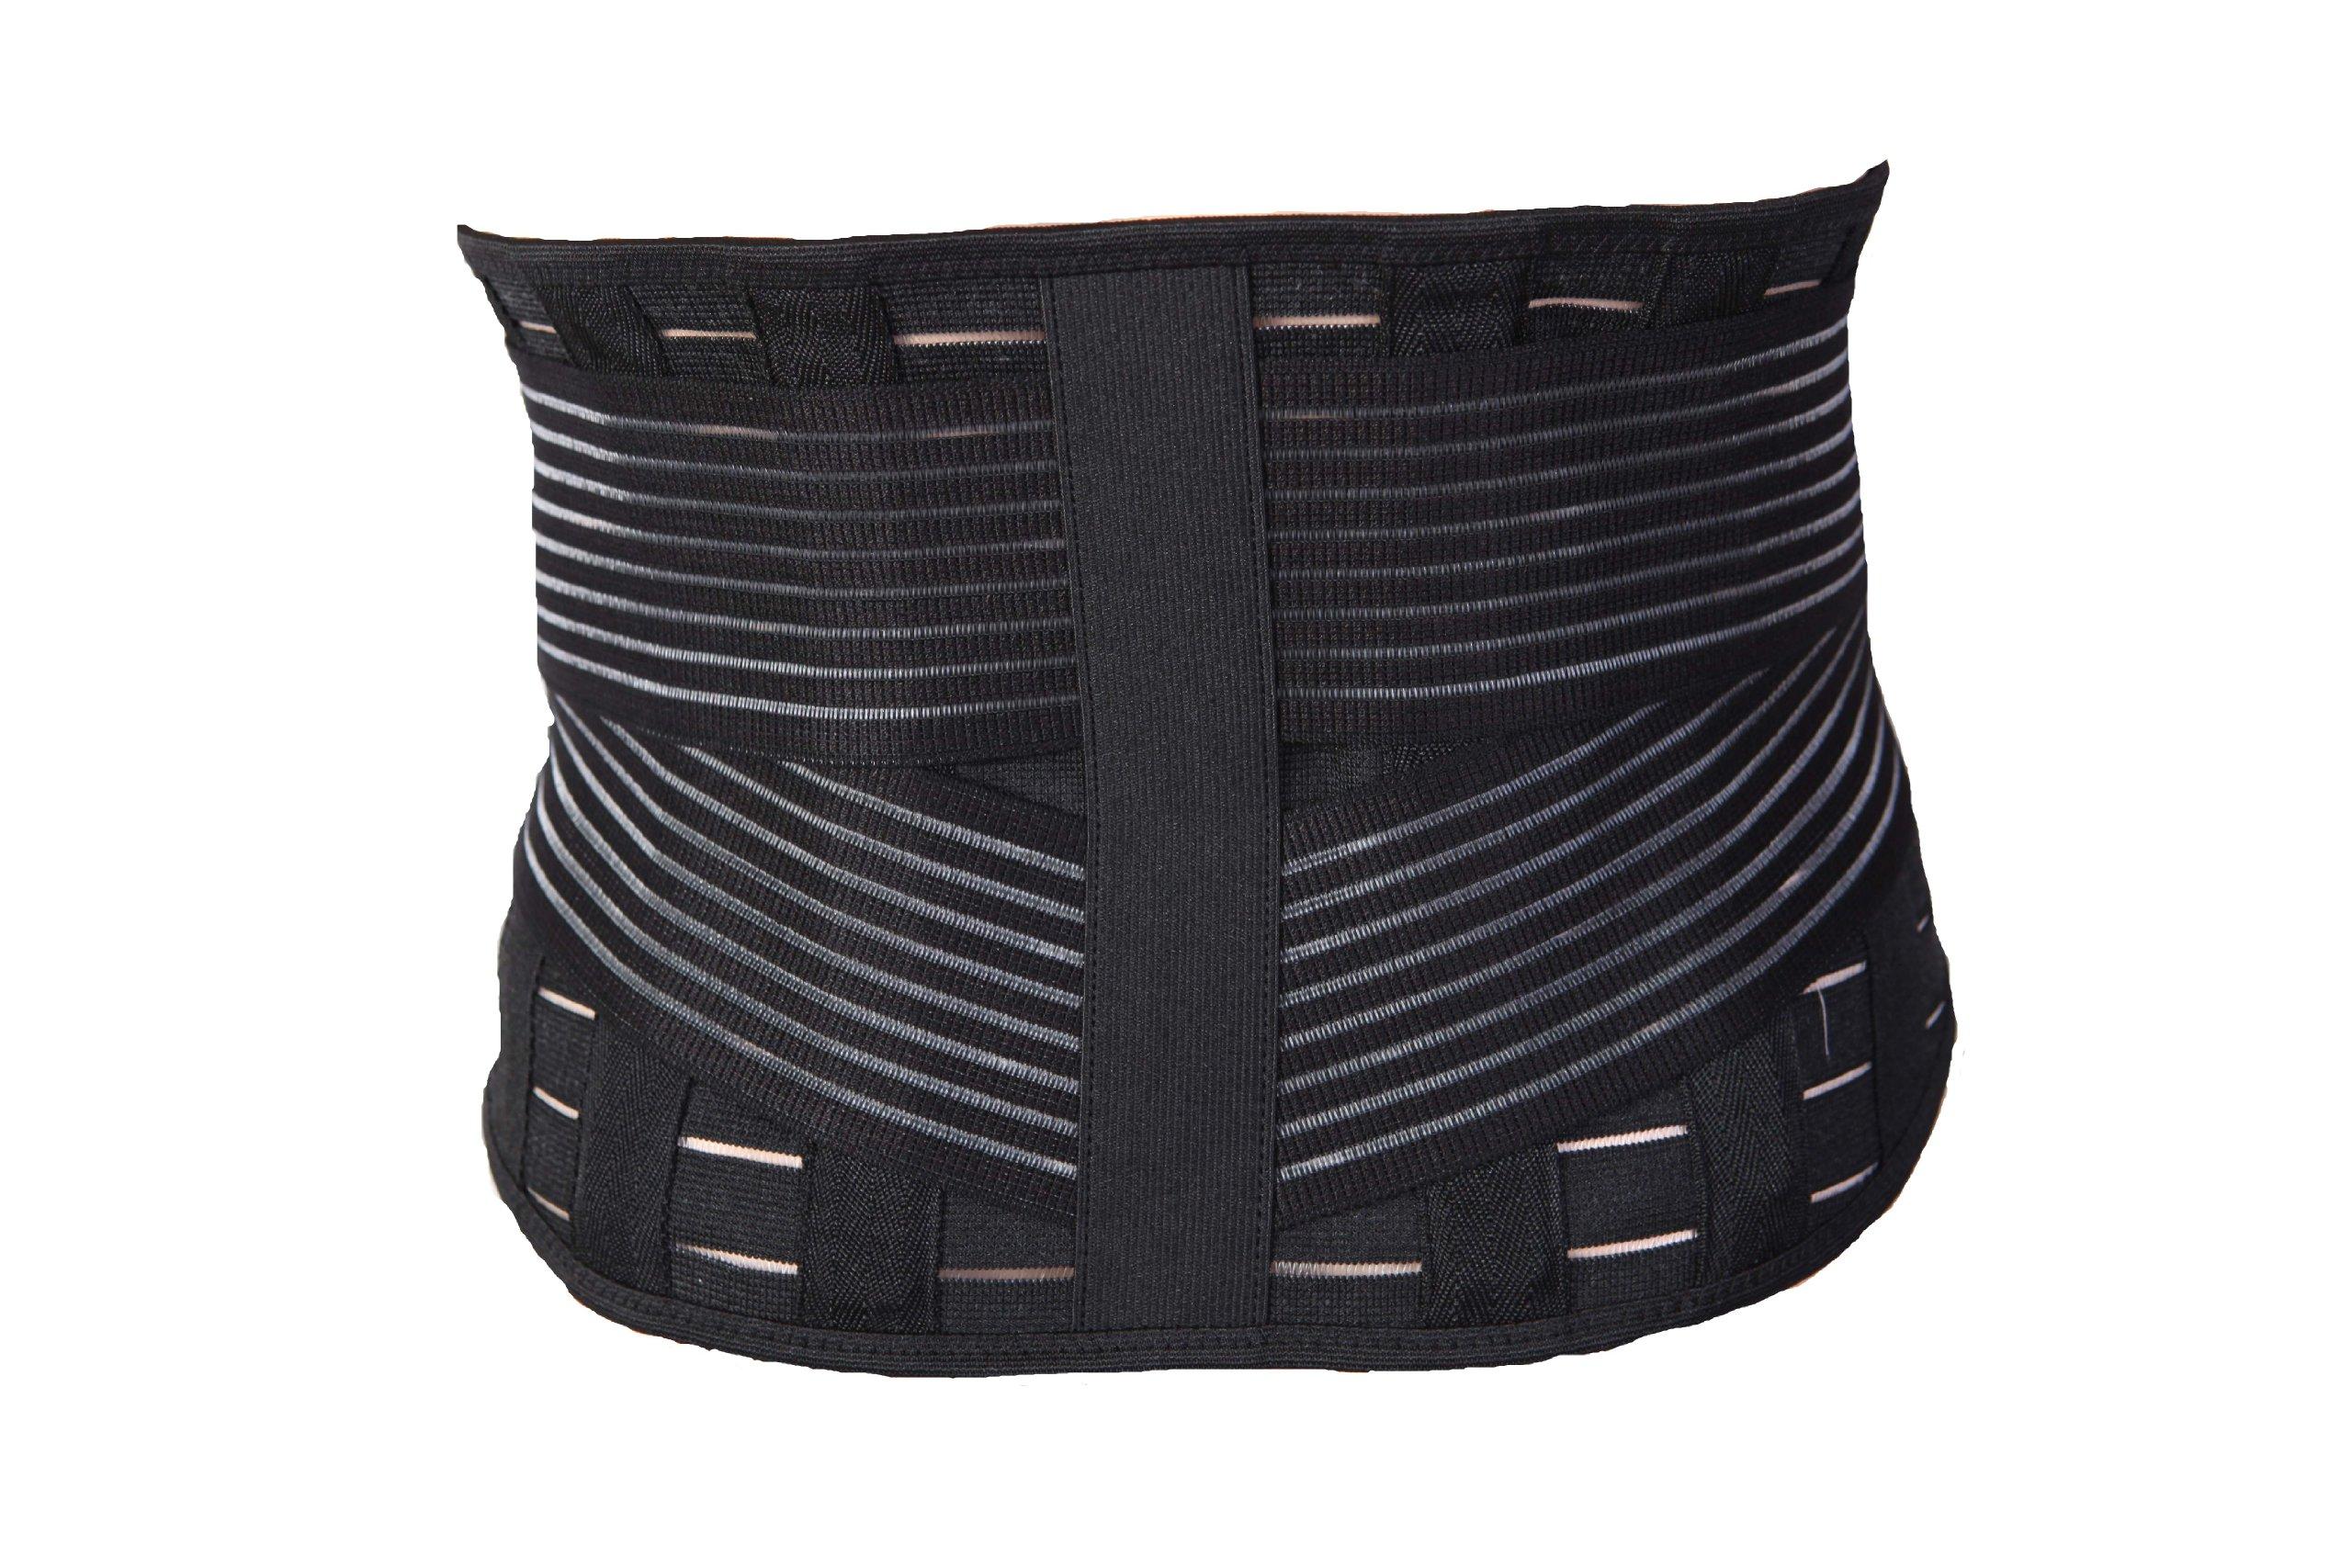 Incrediwear Low Back Brace (Black, X-Large) by Incrediwear